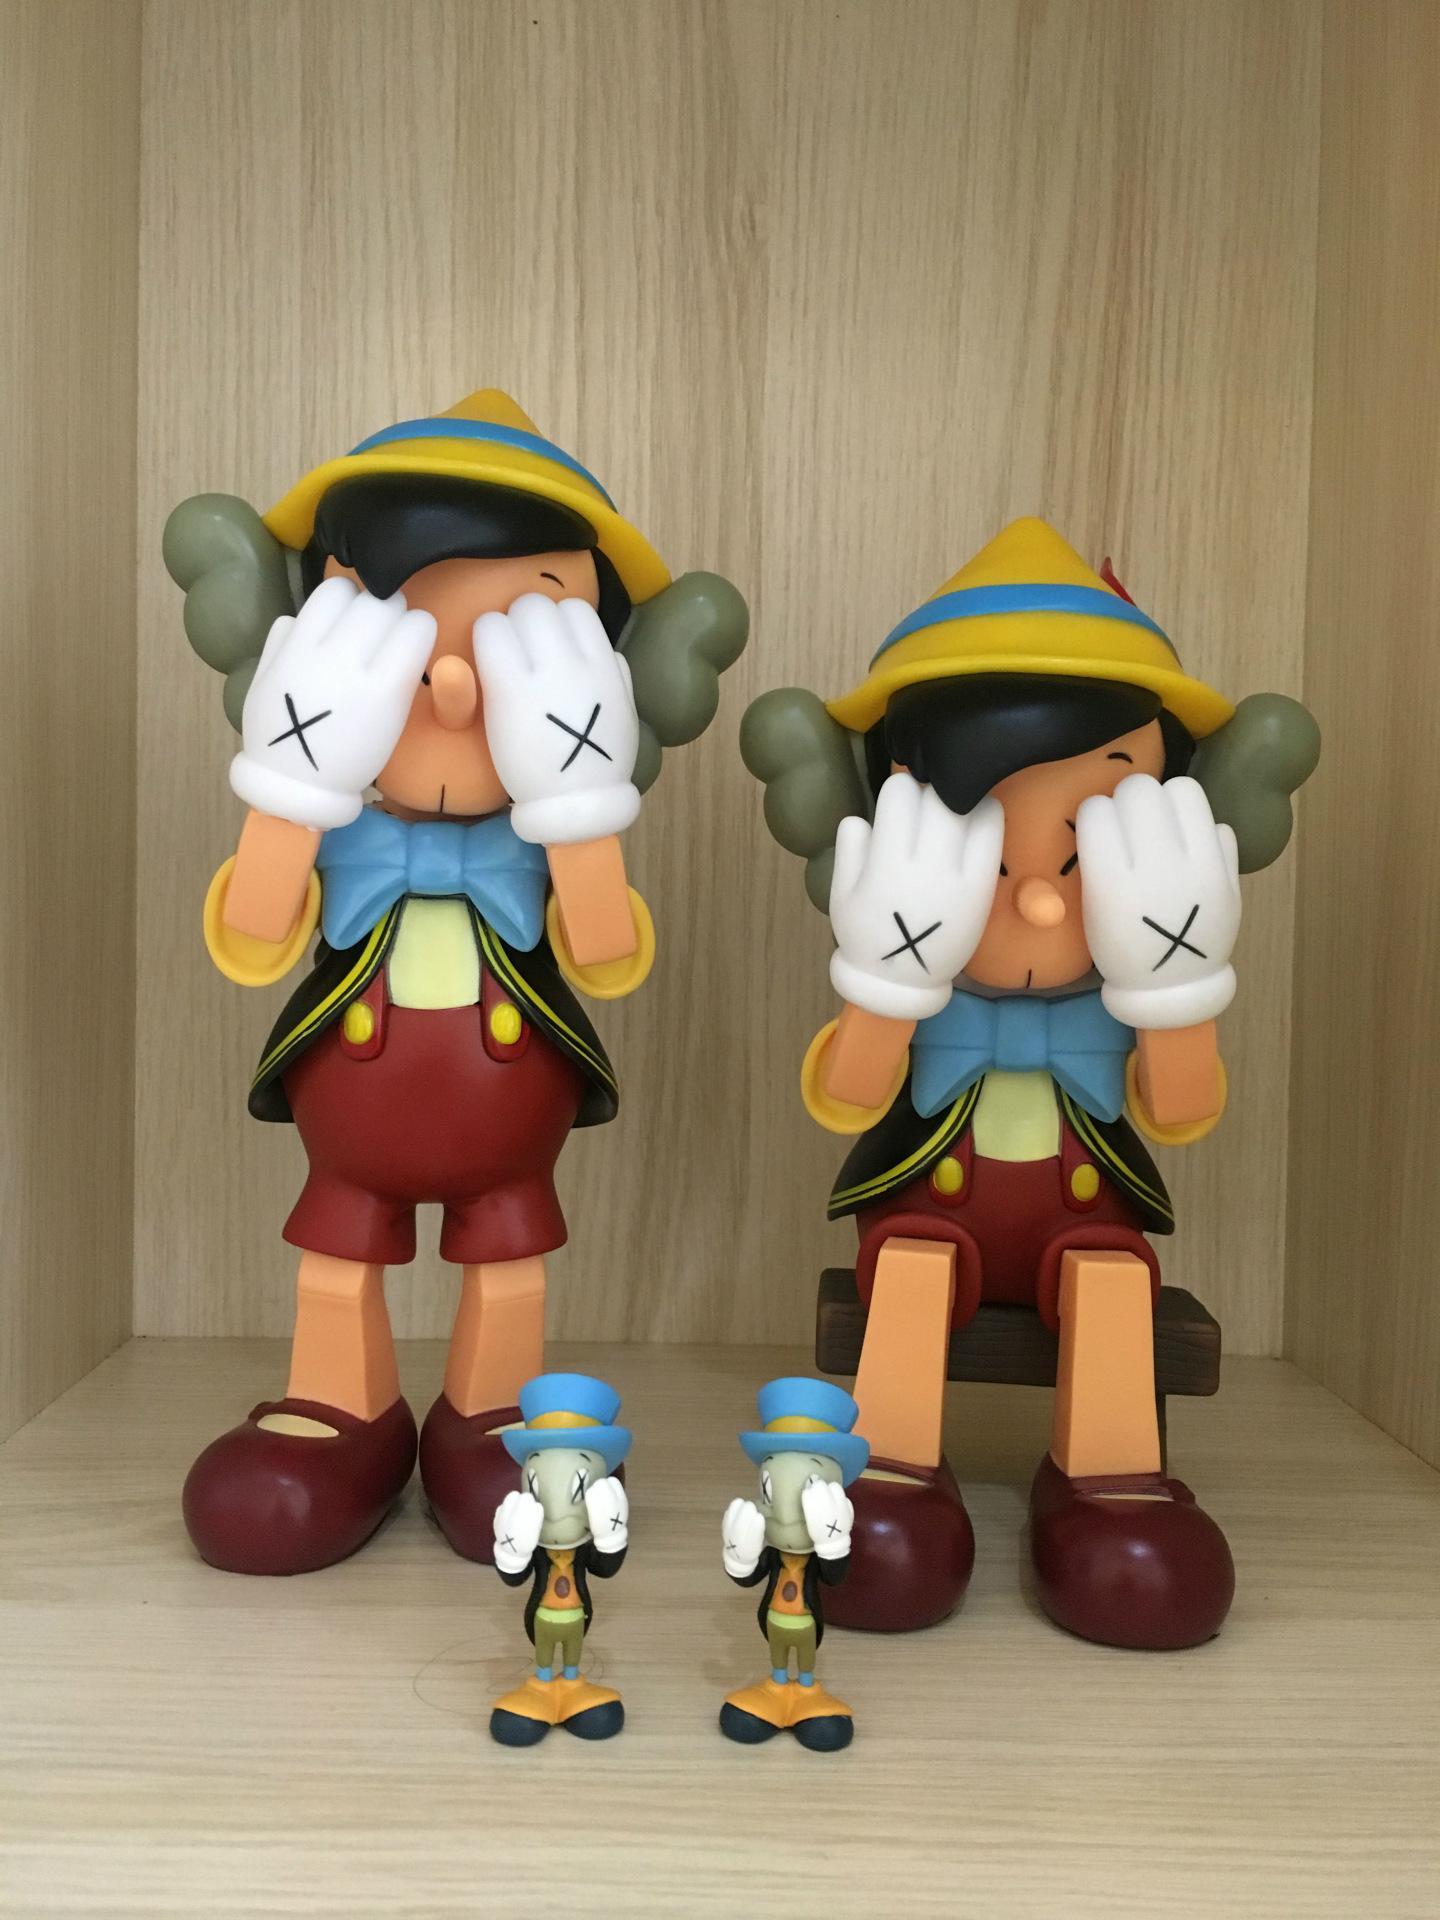 2109 le plus populaire poupée design créatif compagnon KAWS Dissected jouet cadeau Décoration PVC avec boîte de couleur